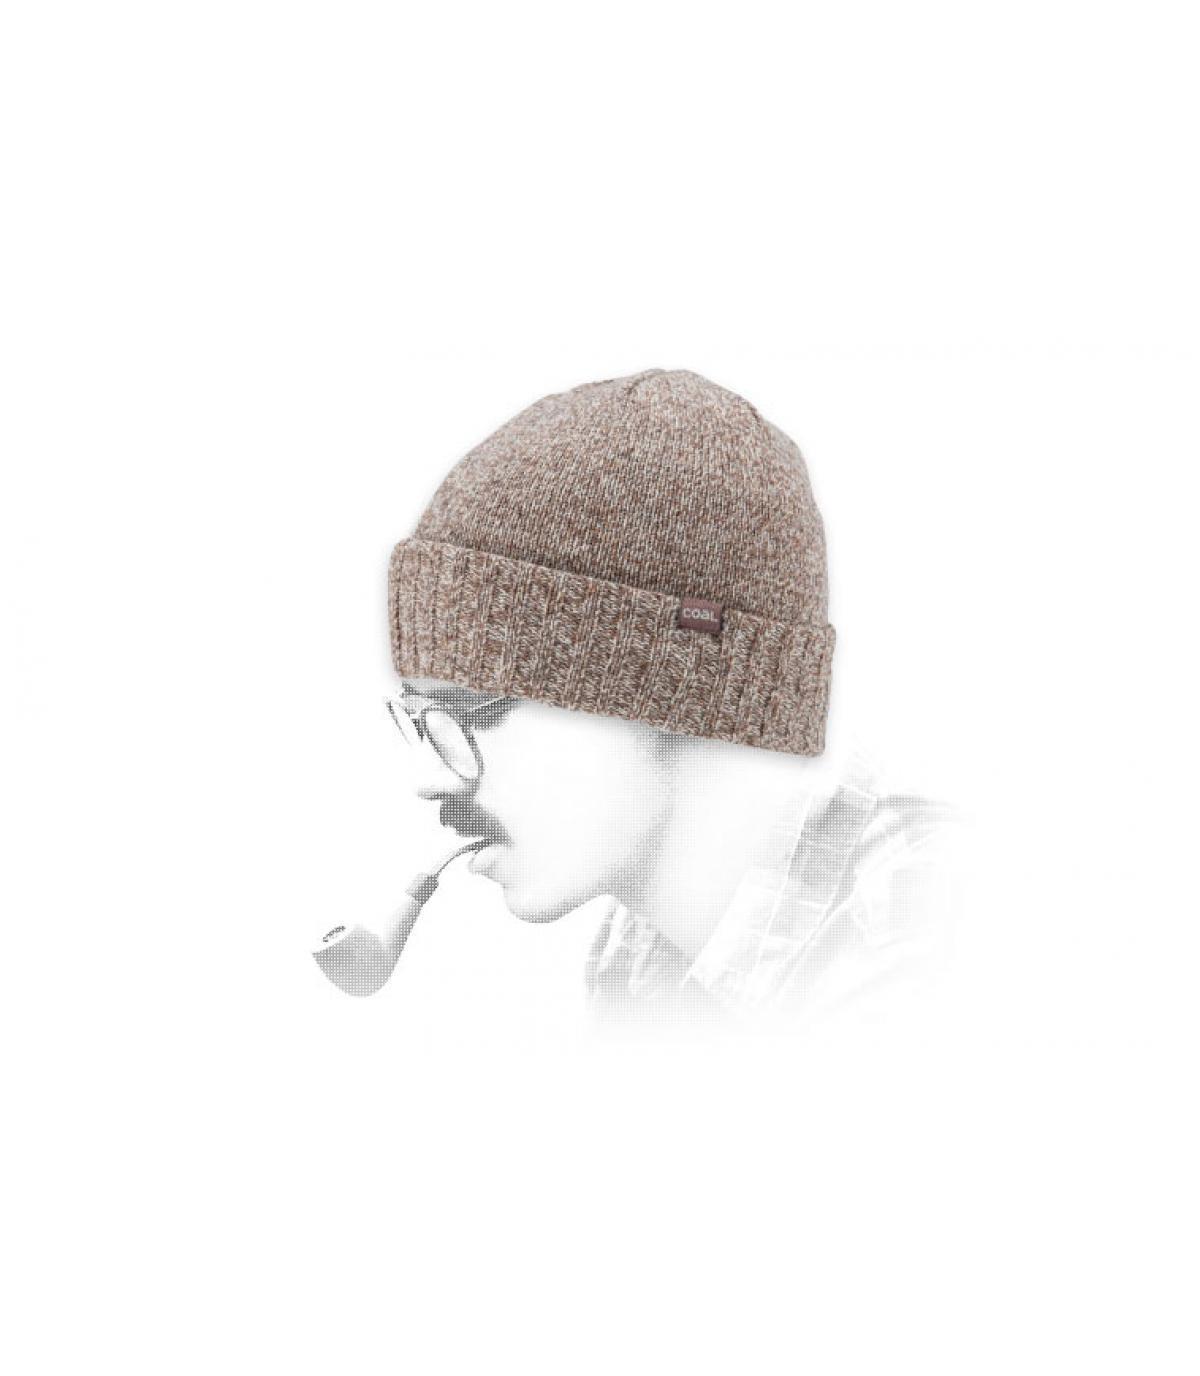 Carbone berretto di lana marrone